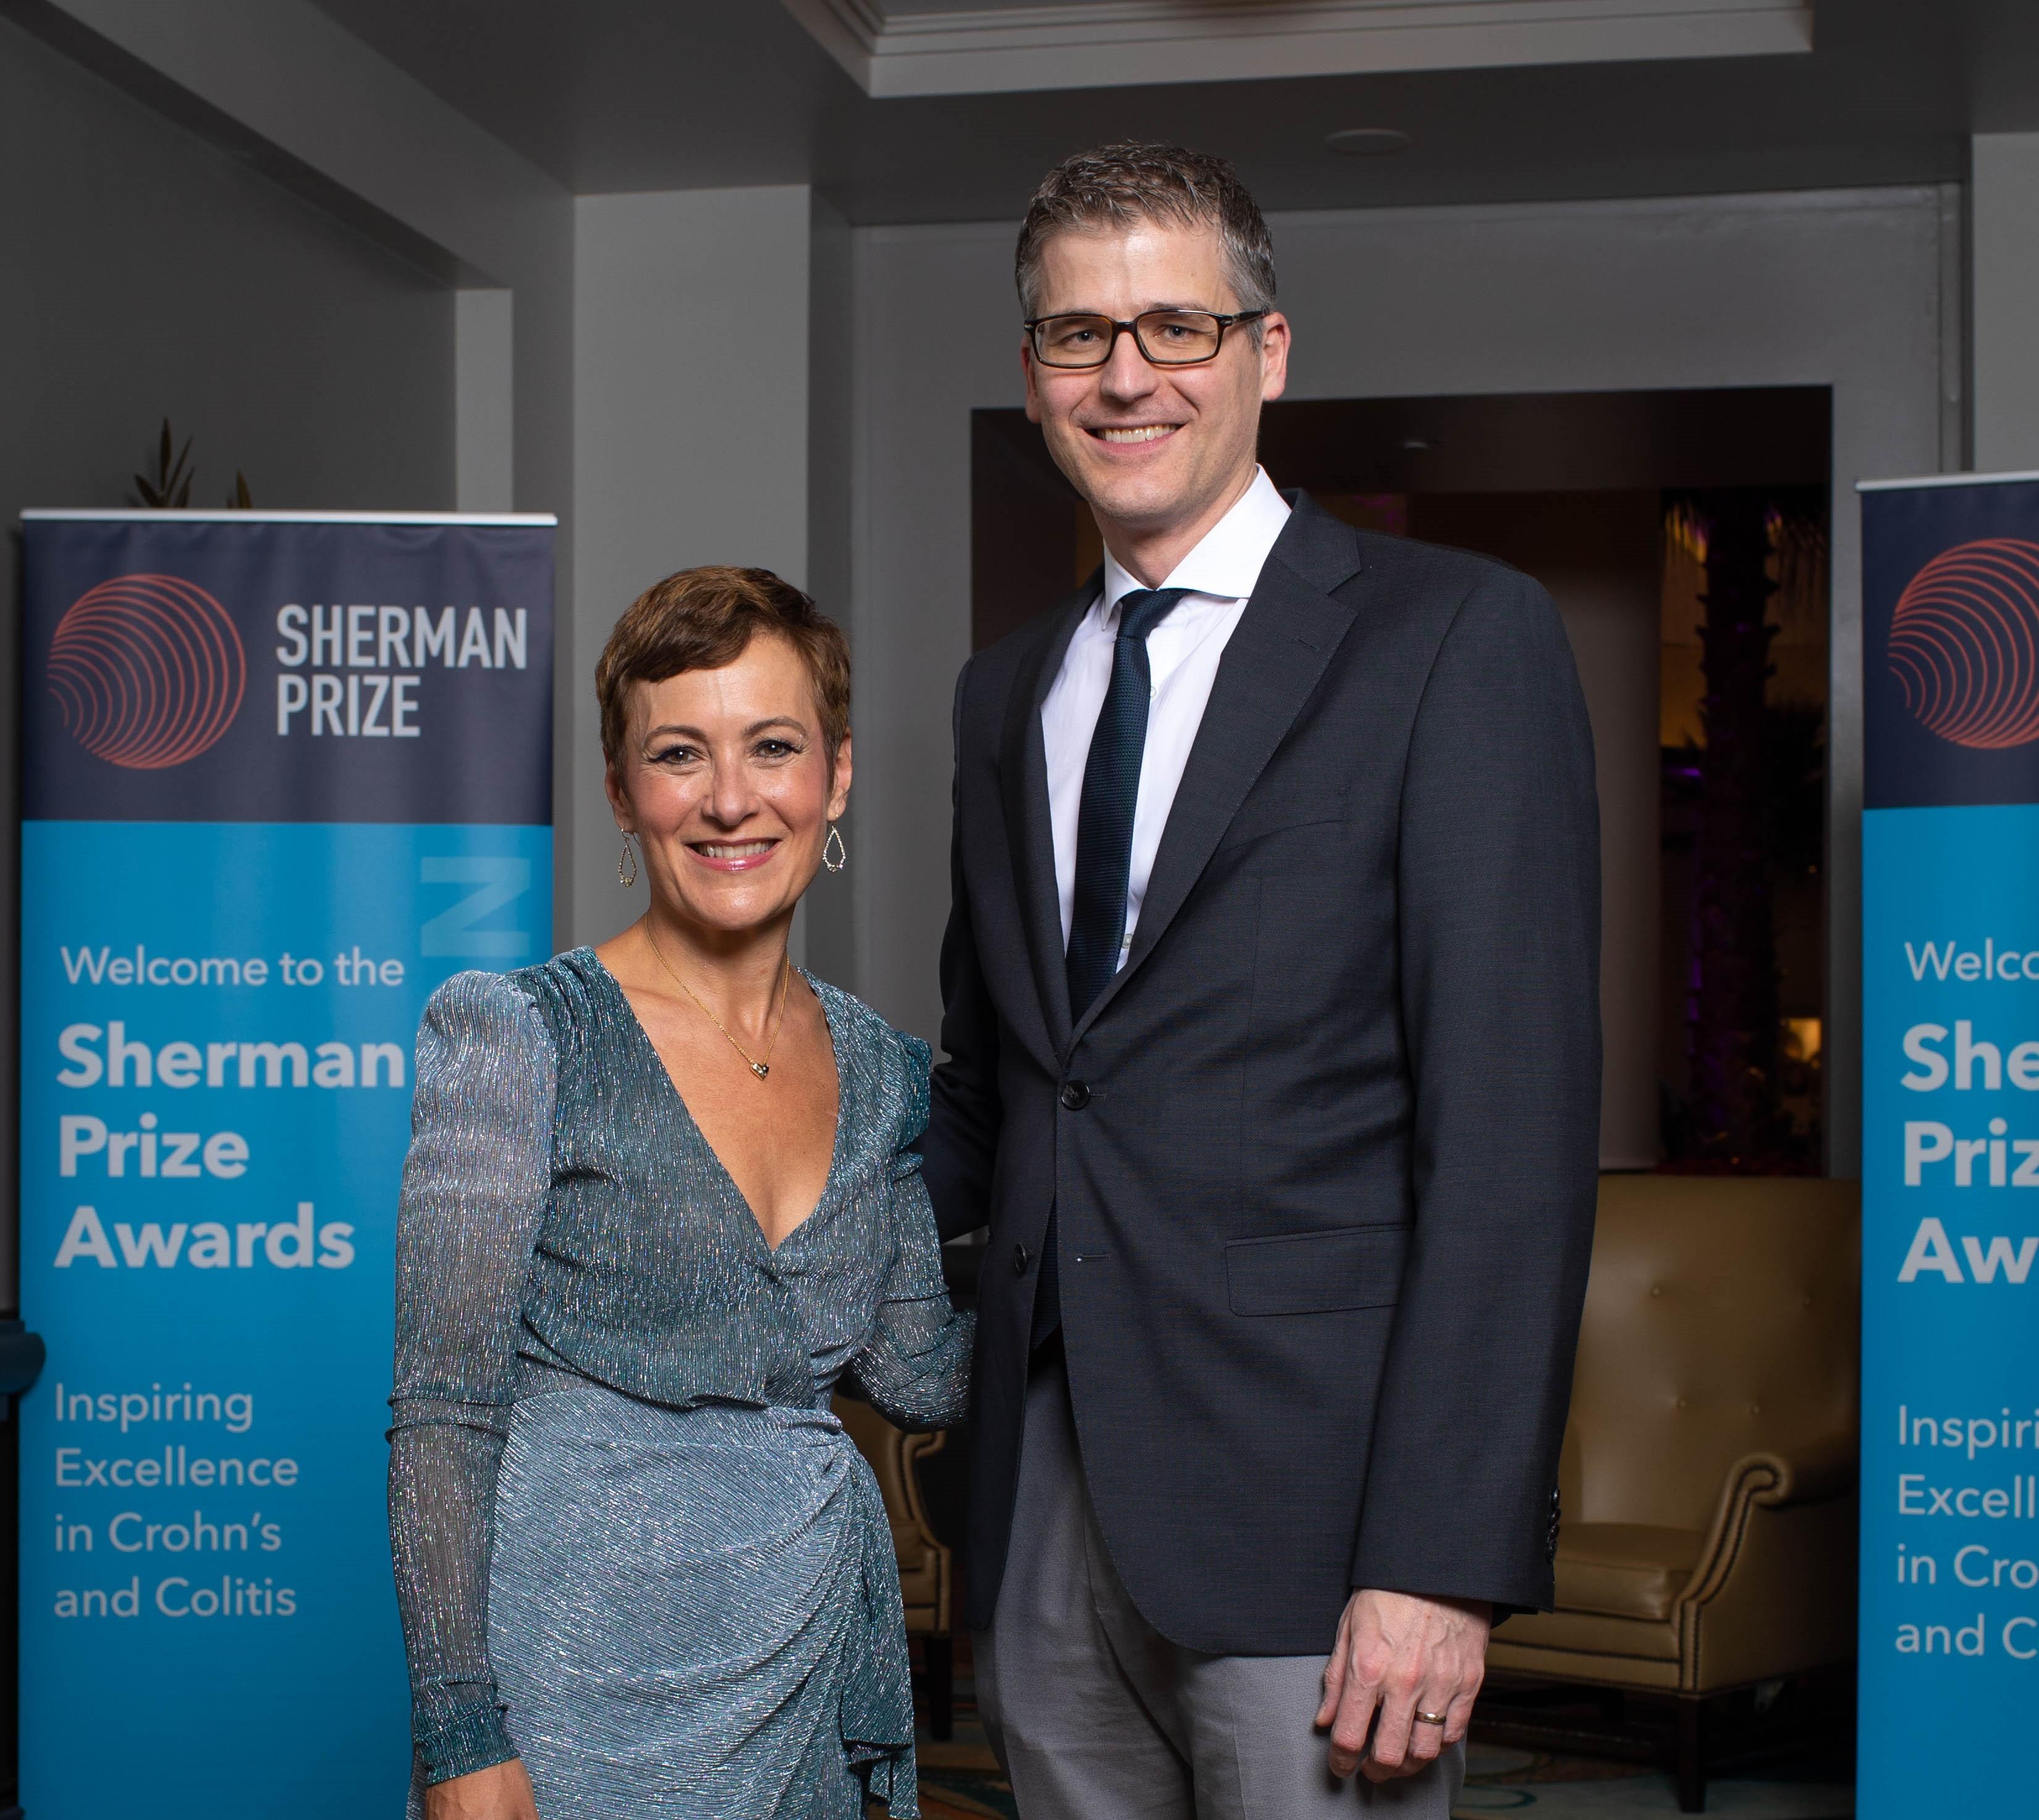 <p>2019 Sherman Prize Recipient Dr. Maria Abreu and 2019 Sherman Emerging Leader Prize Recipient Dr. Florian Rieder</p>